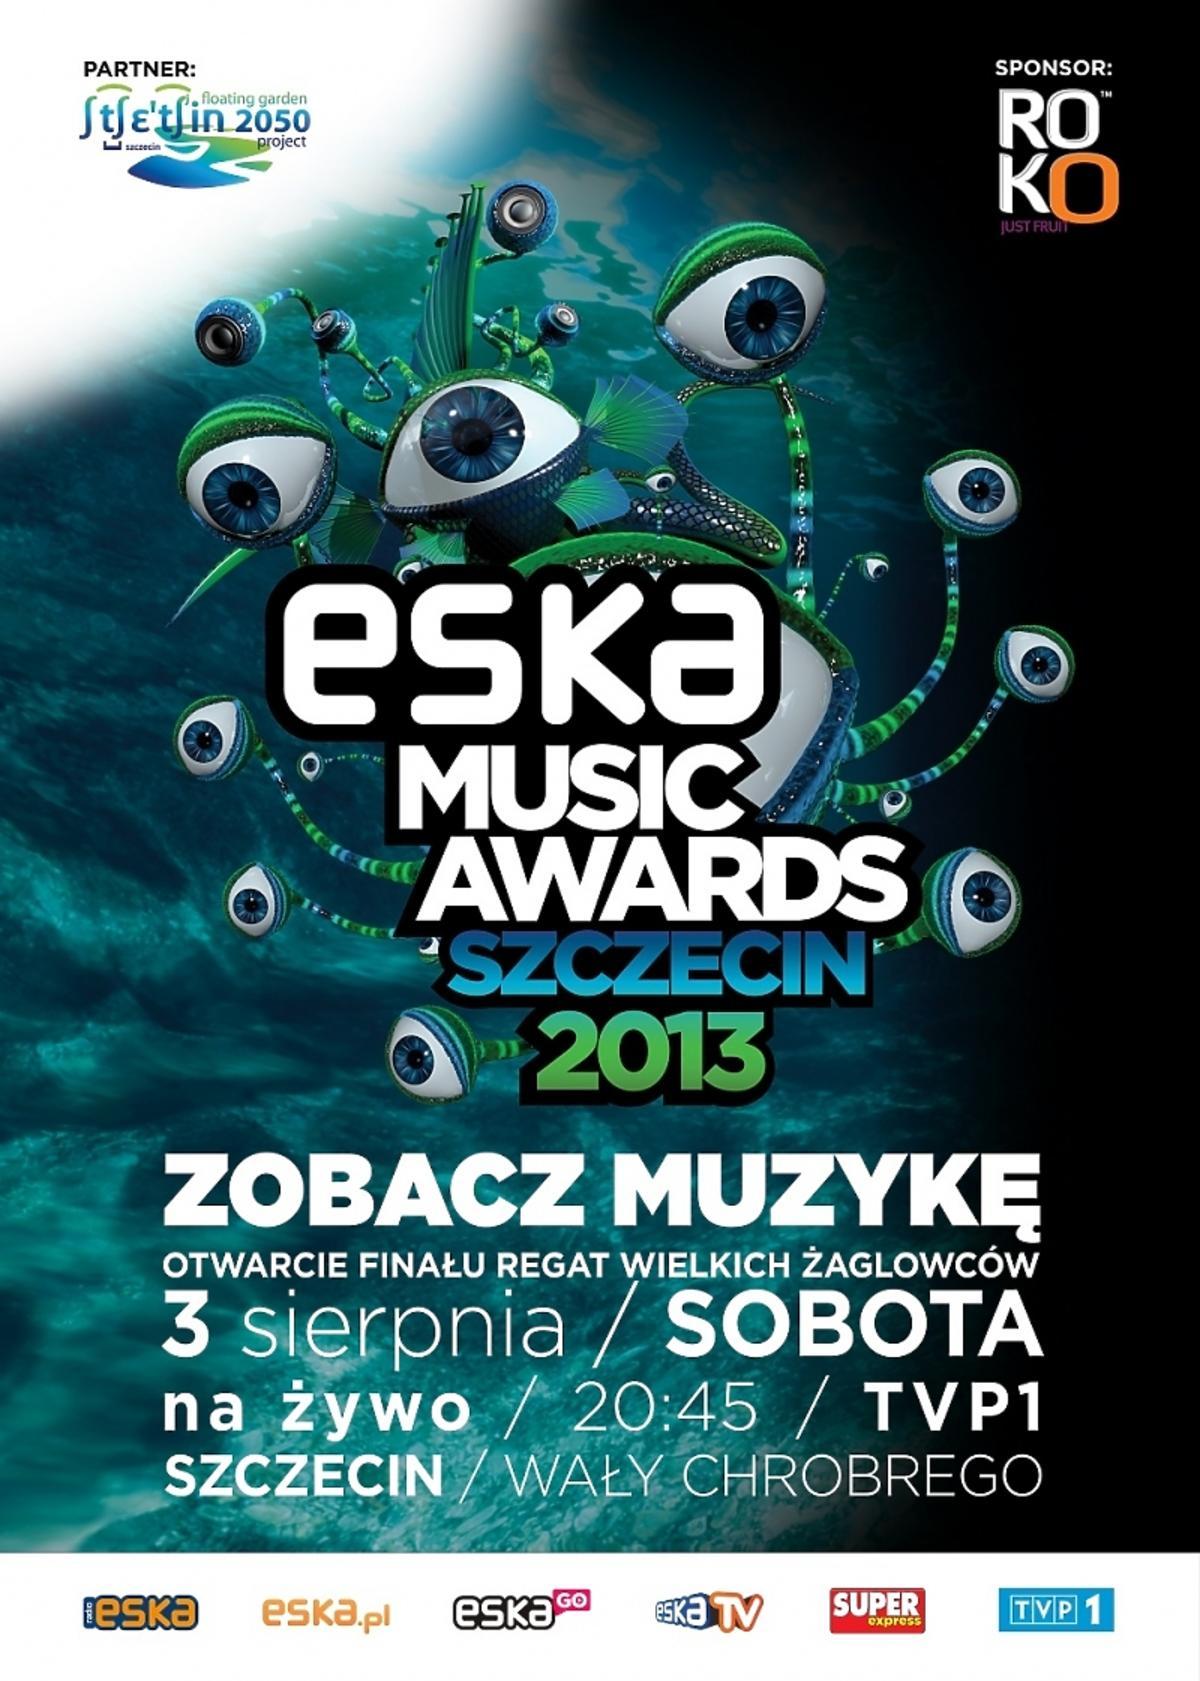 Eska Music Awards 2013